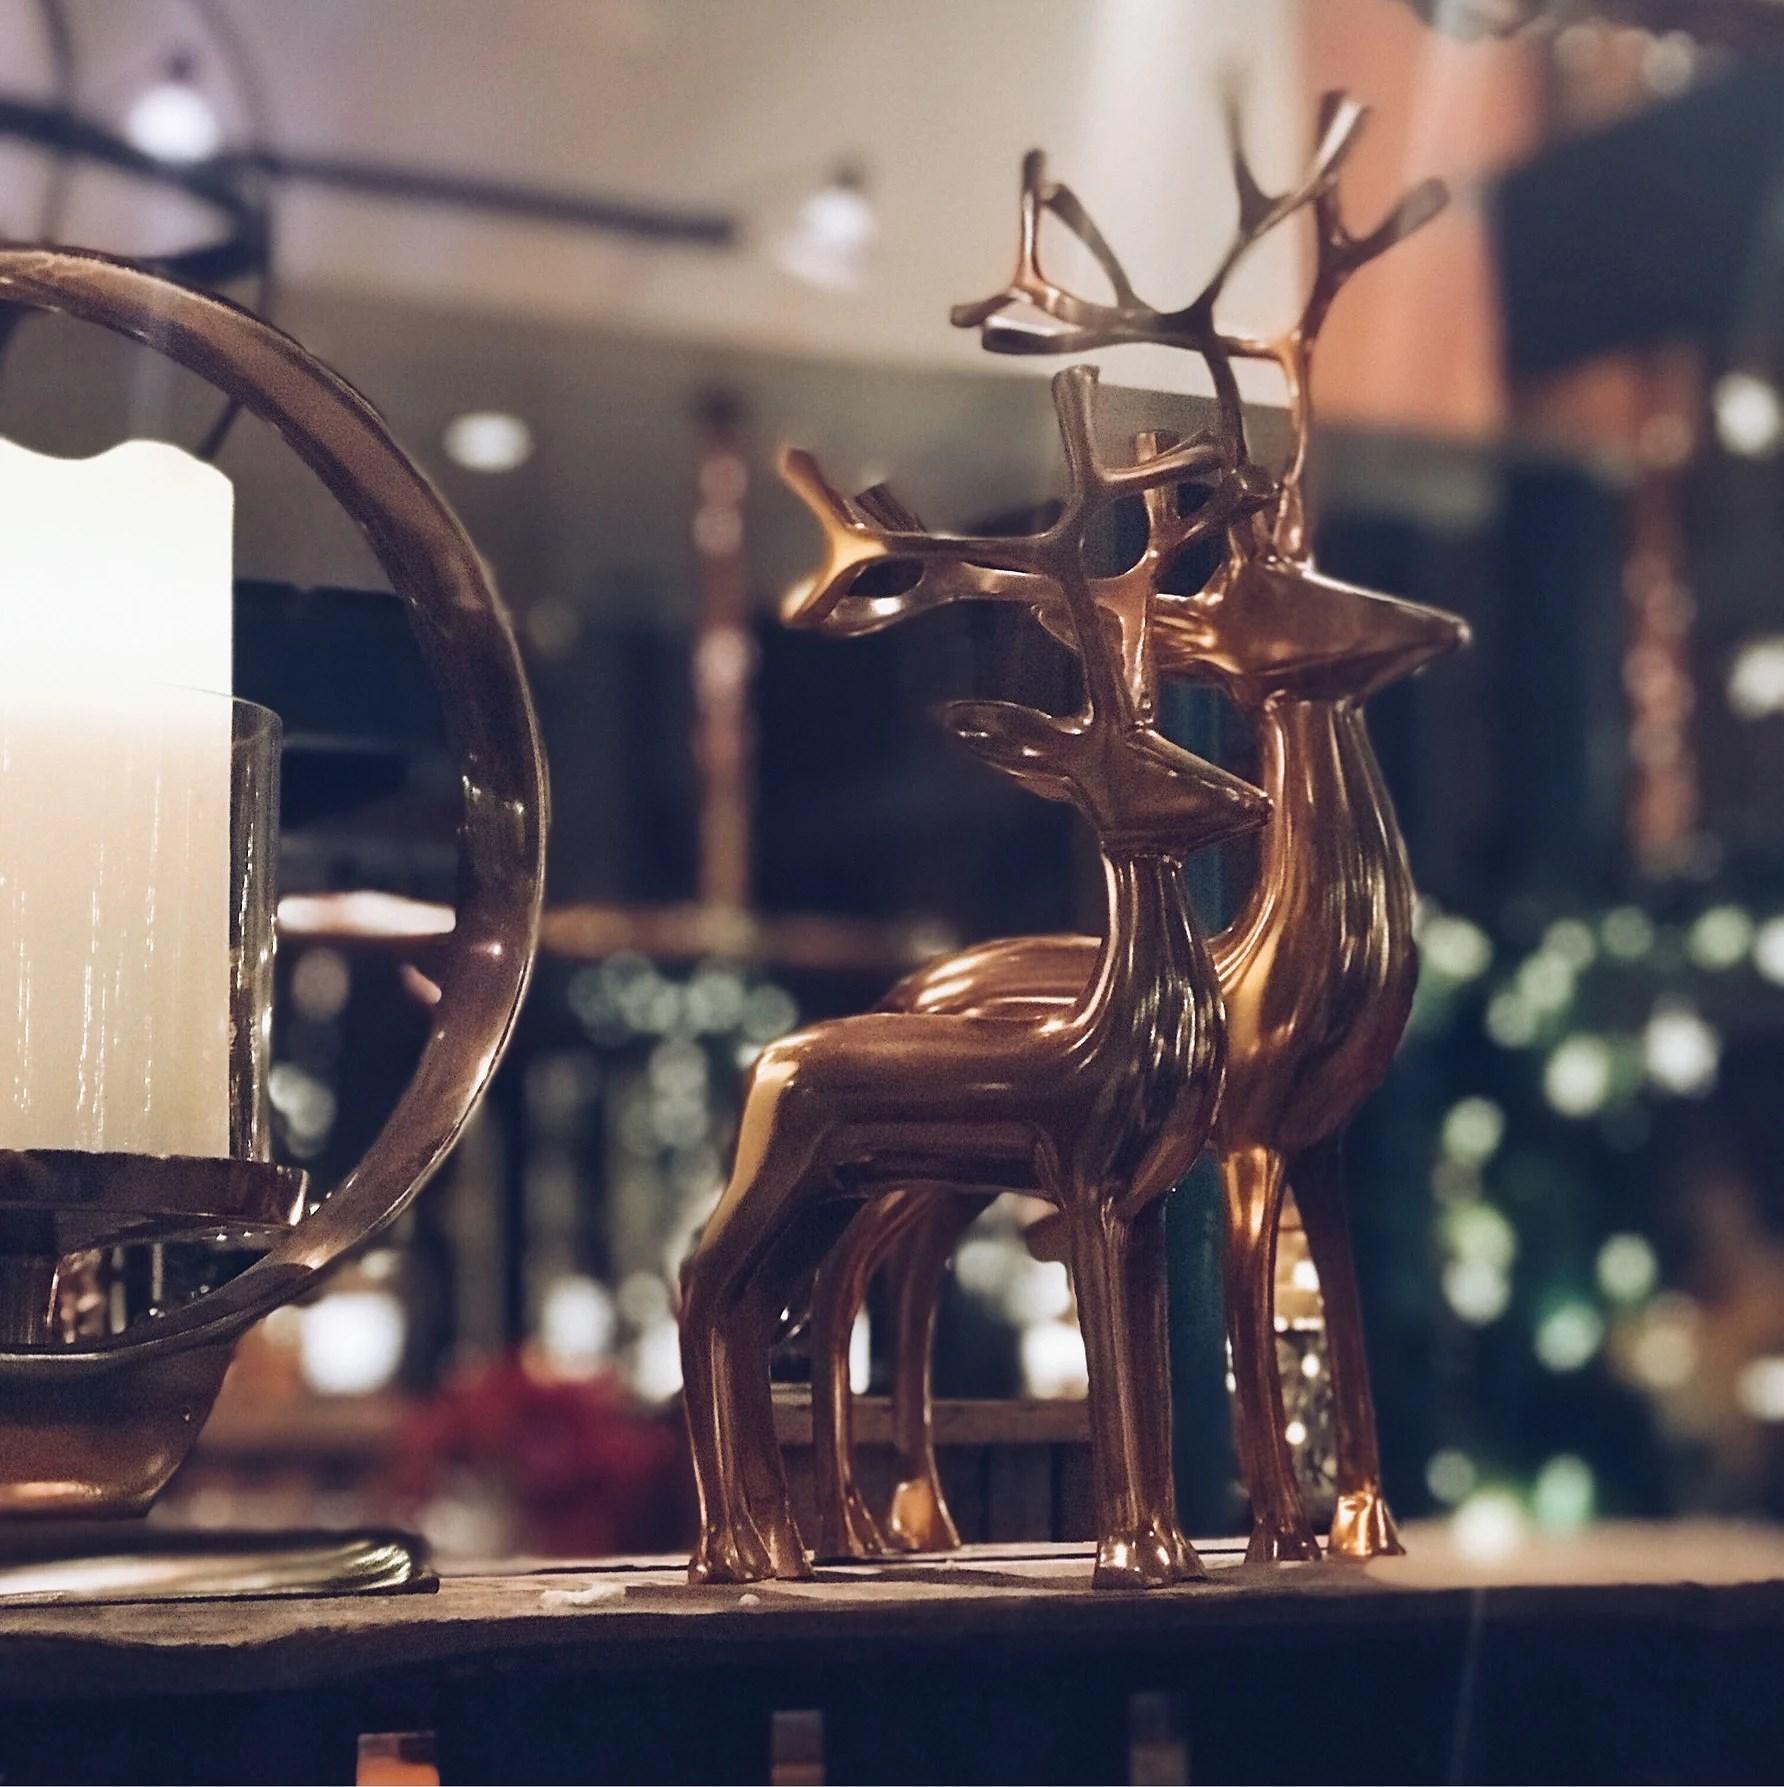 Julfeeling på jobbet